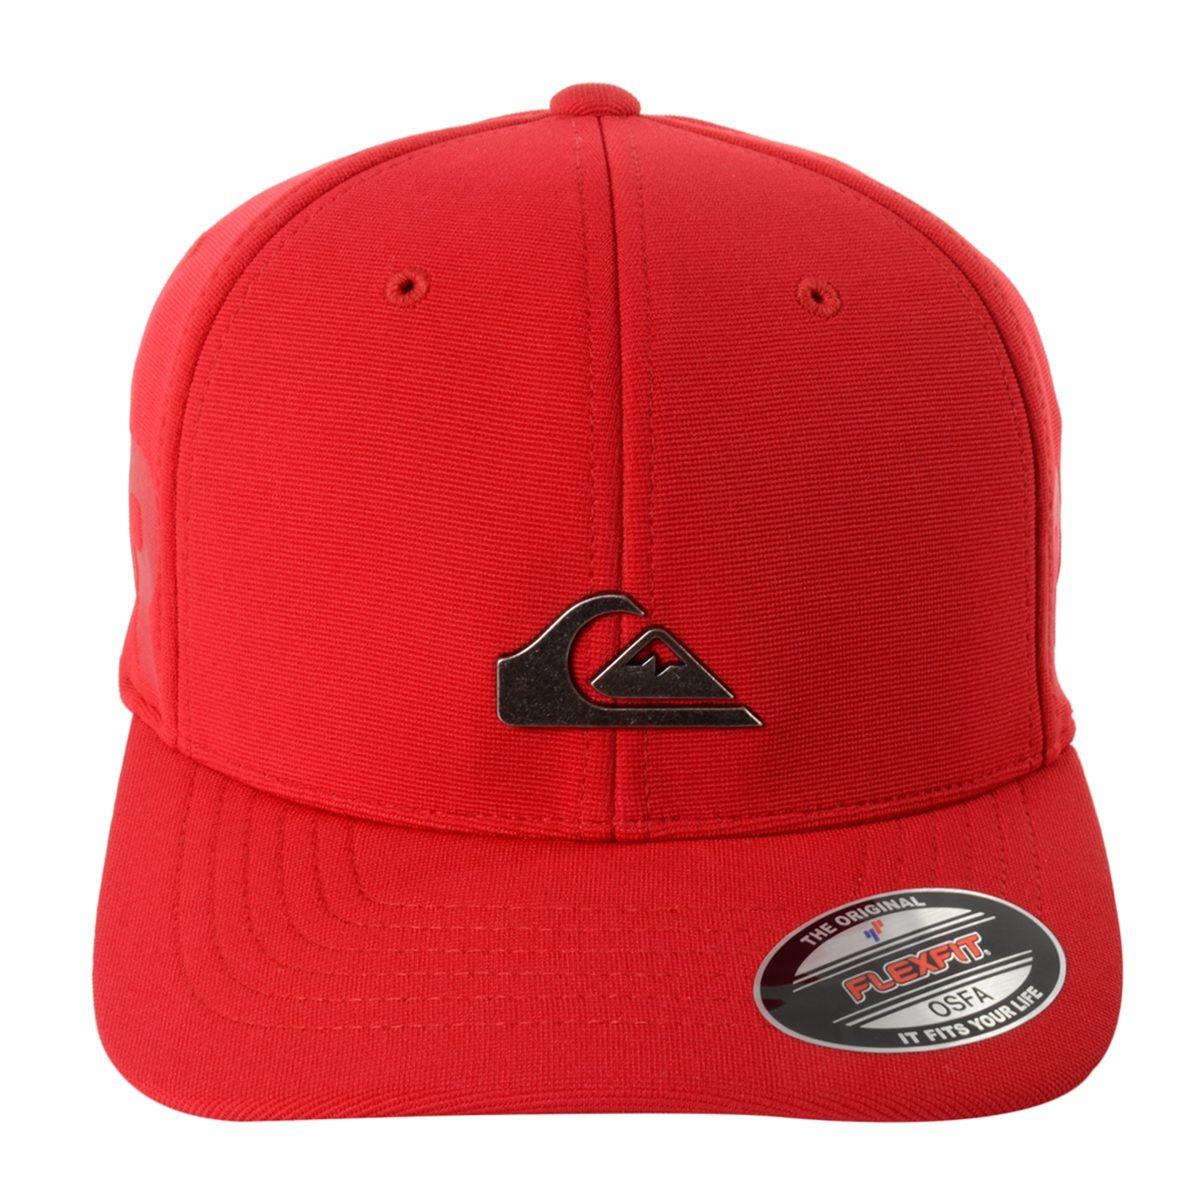 ad461f258e59a Boné quiksilver metal patch cor vermelho Único jpg 1200x1200 Quiksilver  metal